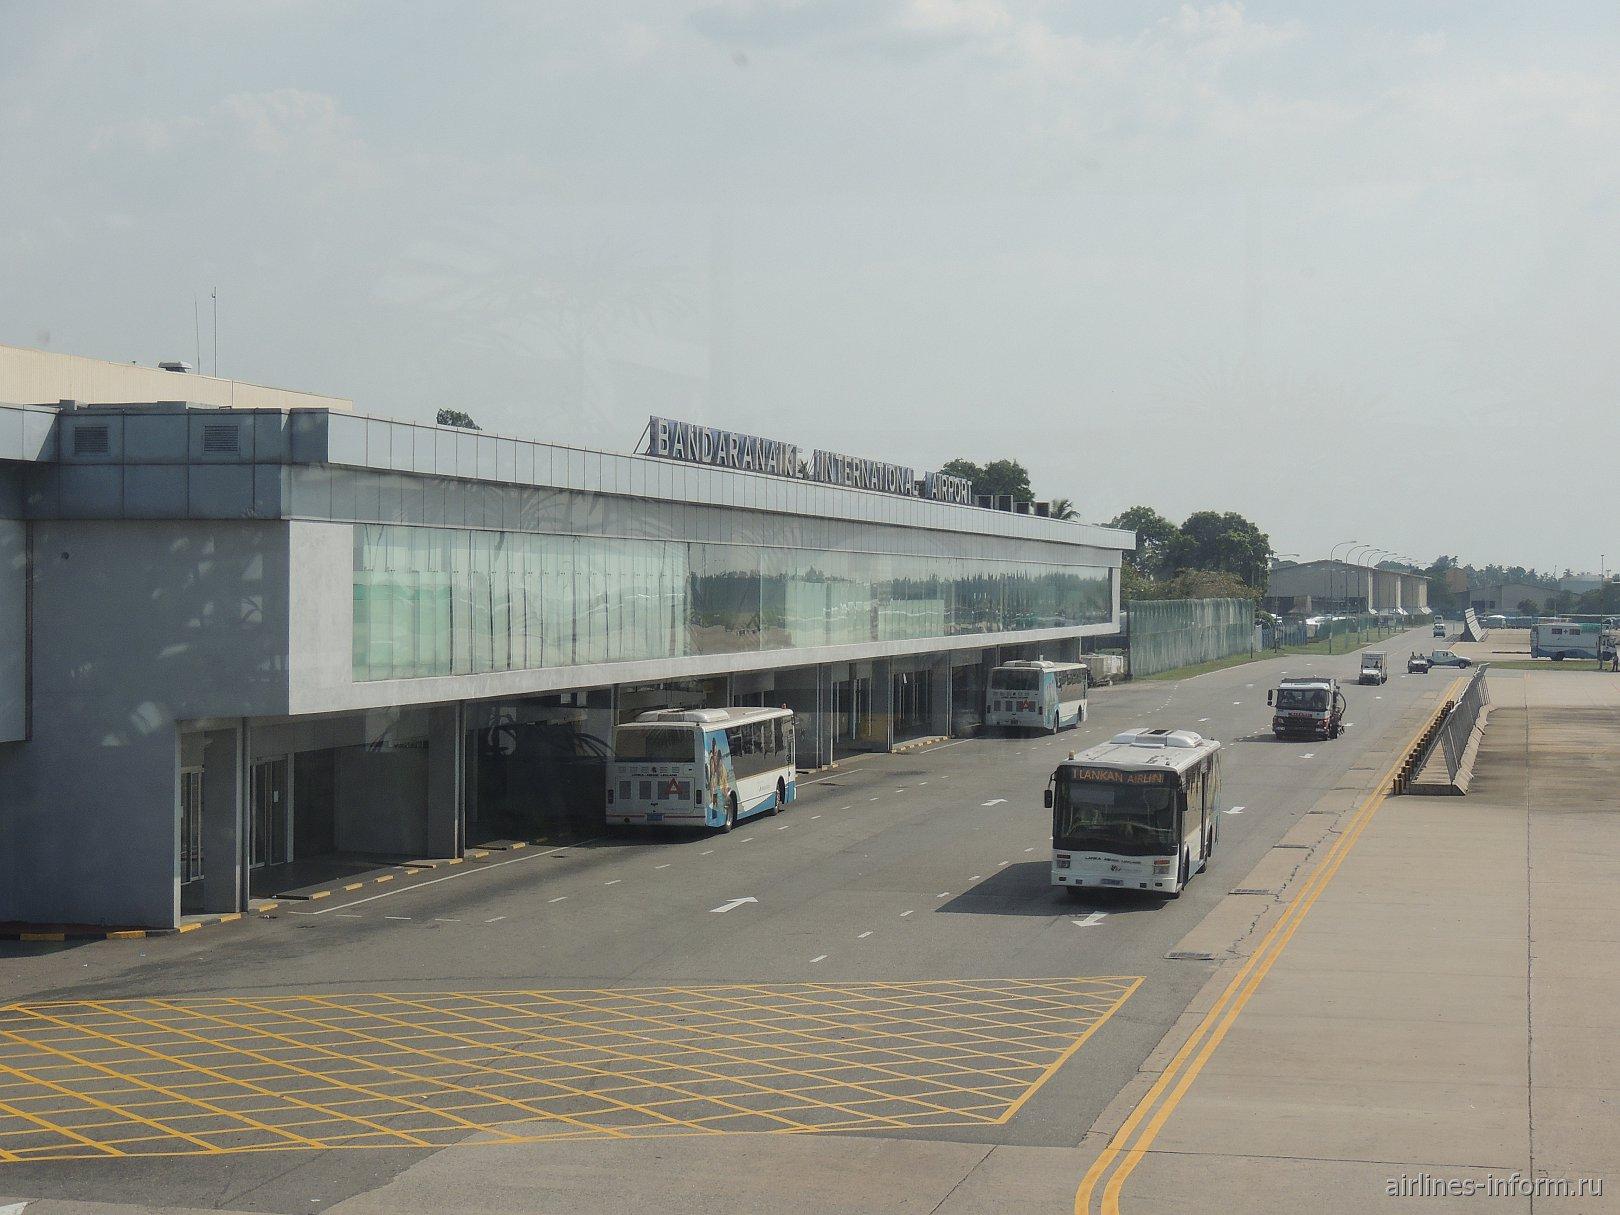 Здание зоны вылета в аэропорту Коломбо Бандаранайке